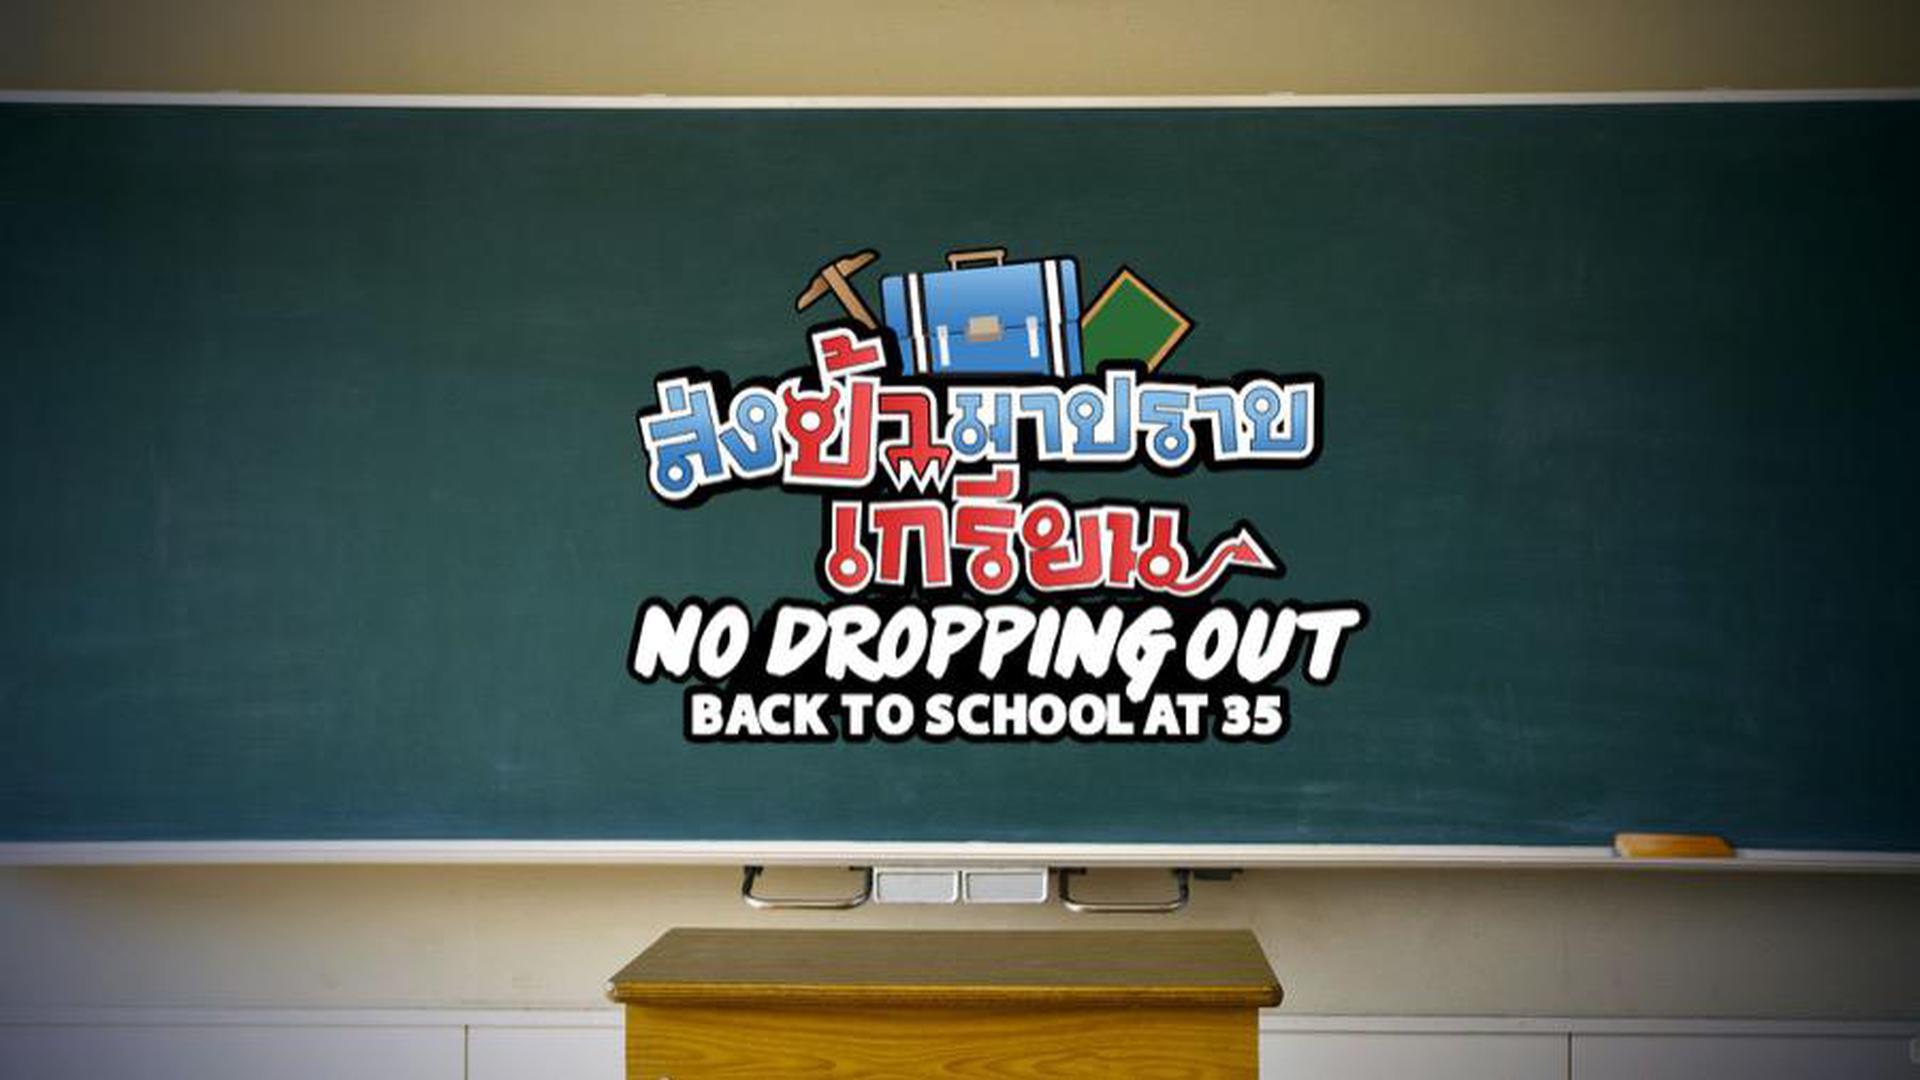 No Dropping Out ส่งป้ามาปราบเกรียน